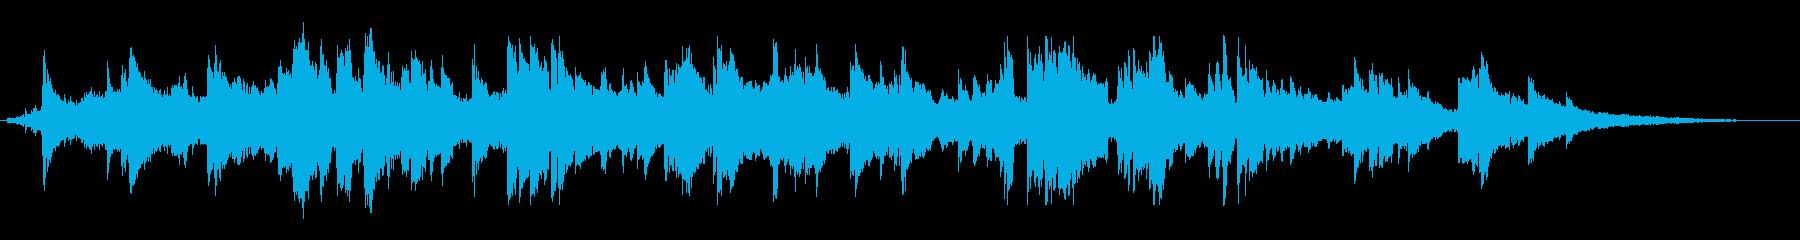 伝統的 ジャズ ビバップ サラサラ...の再生済みの波形